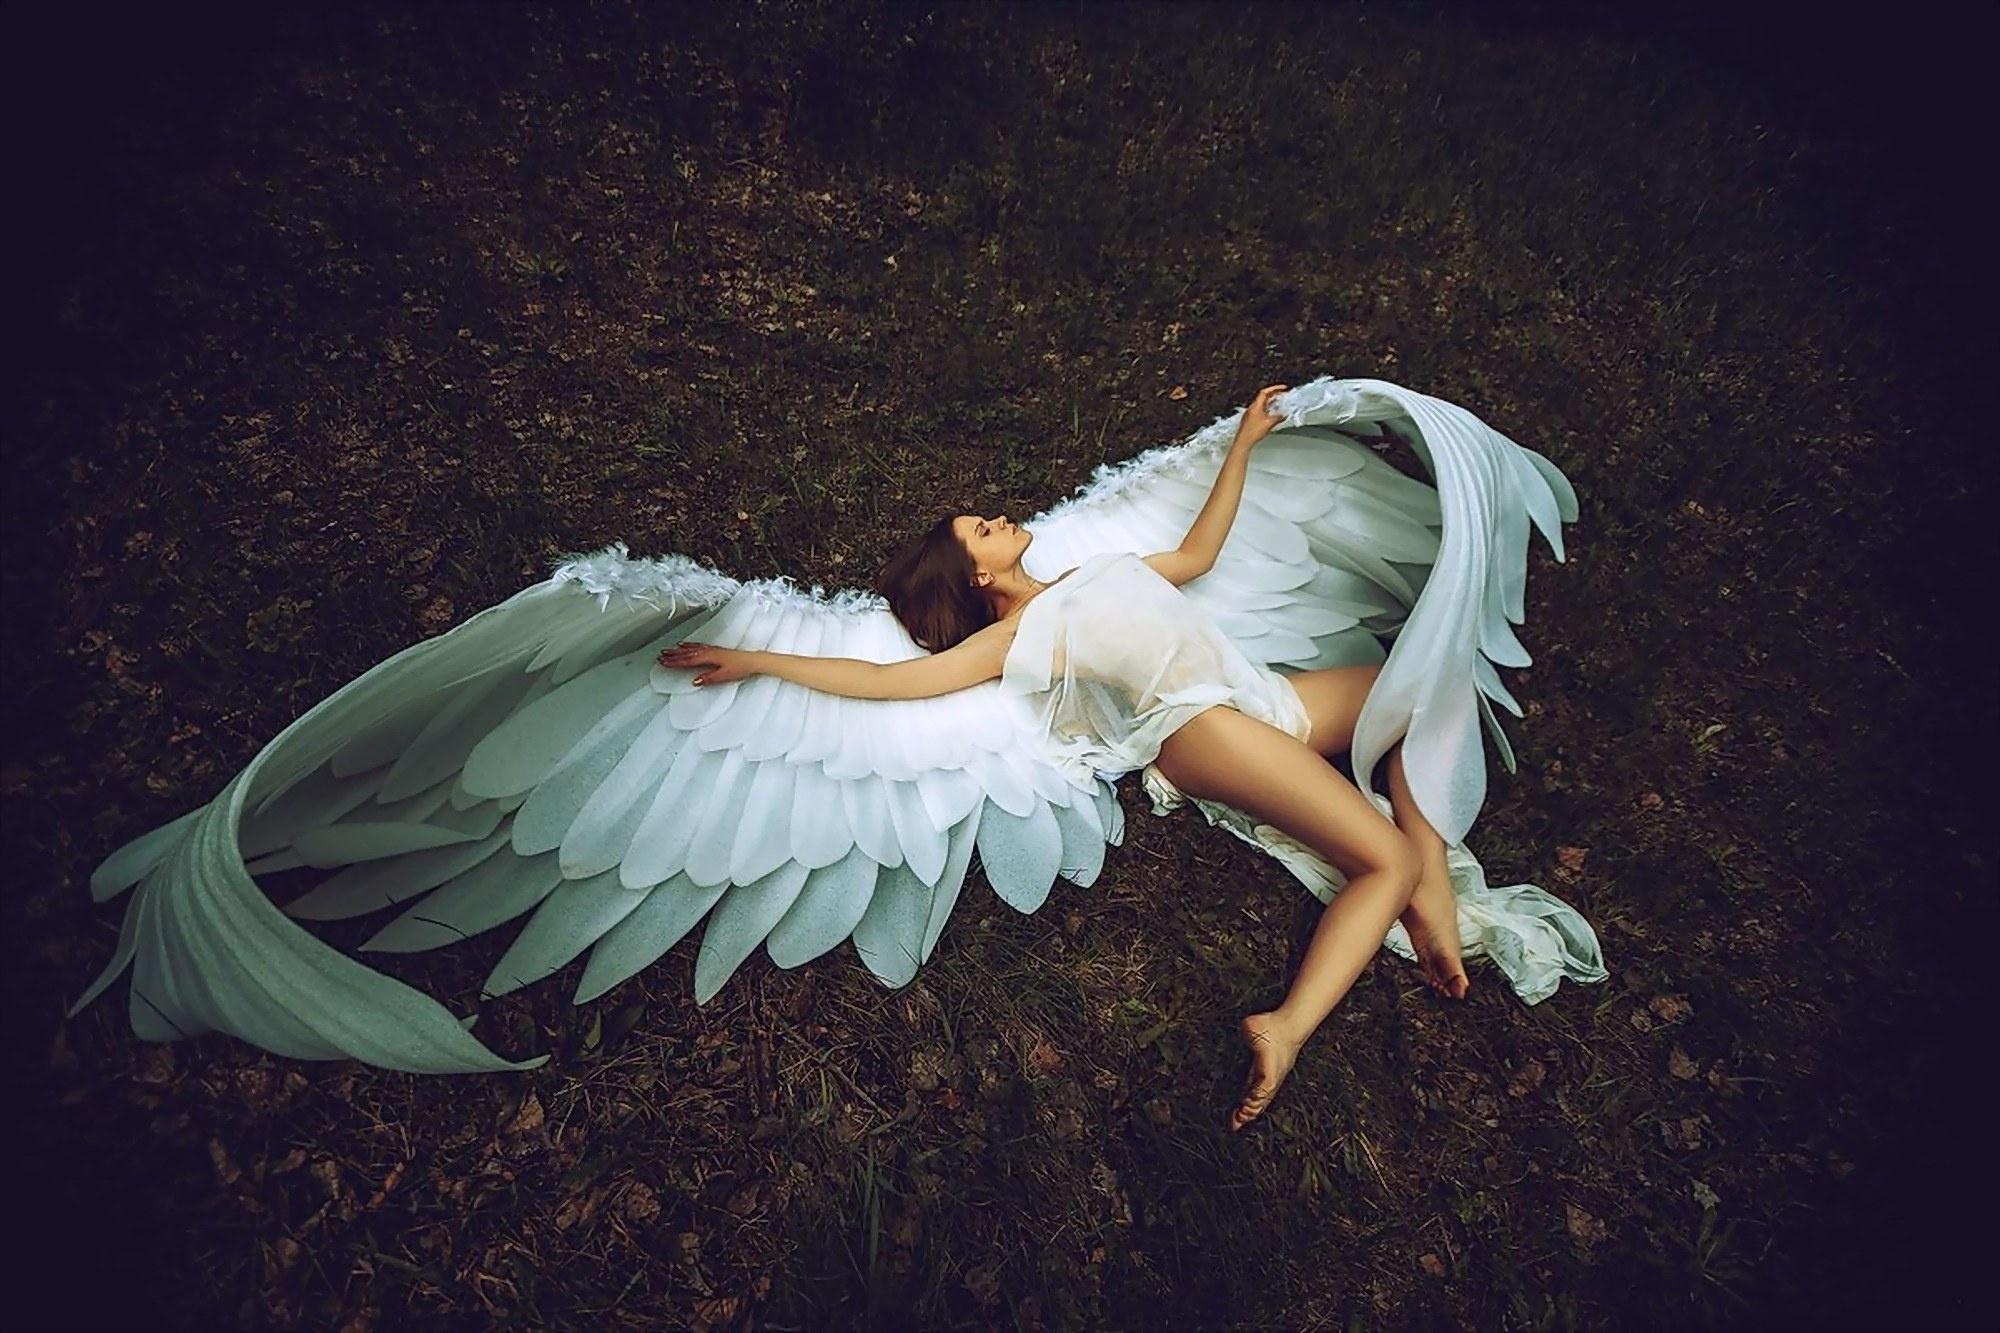 зависимости ангел крылья фото скором